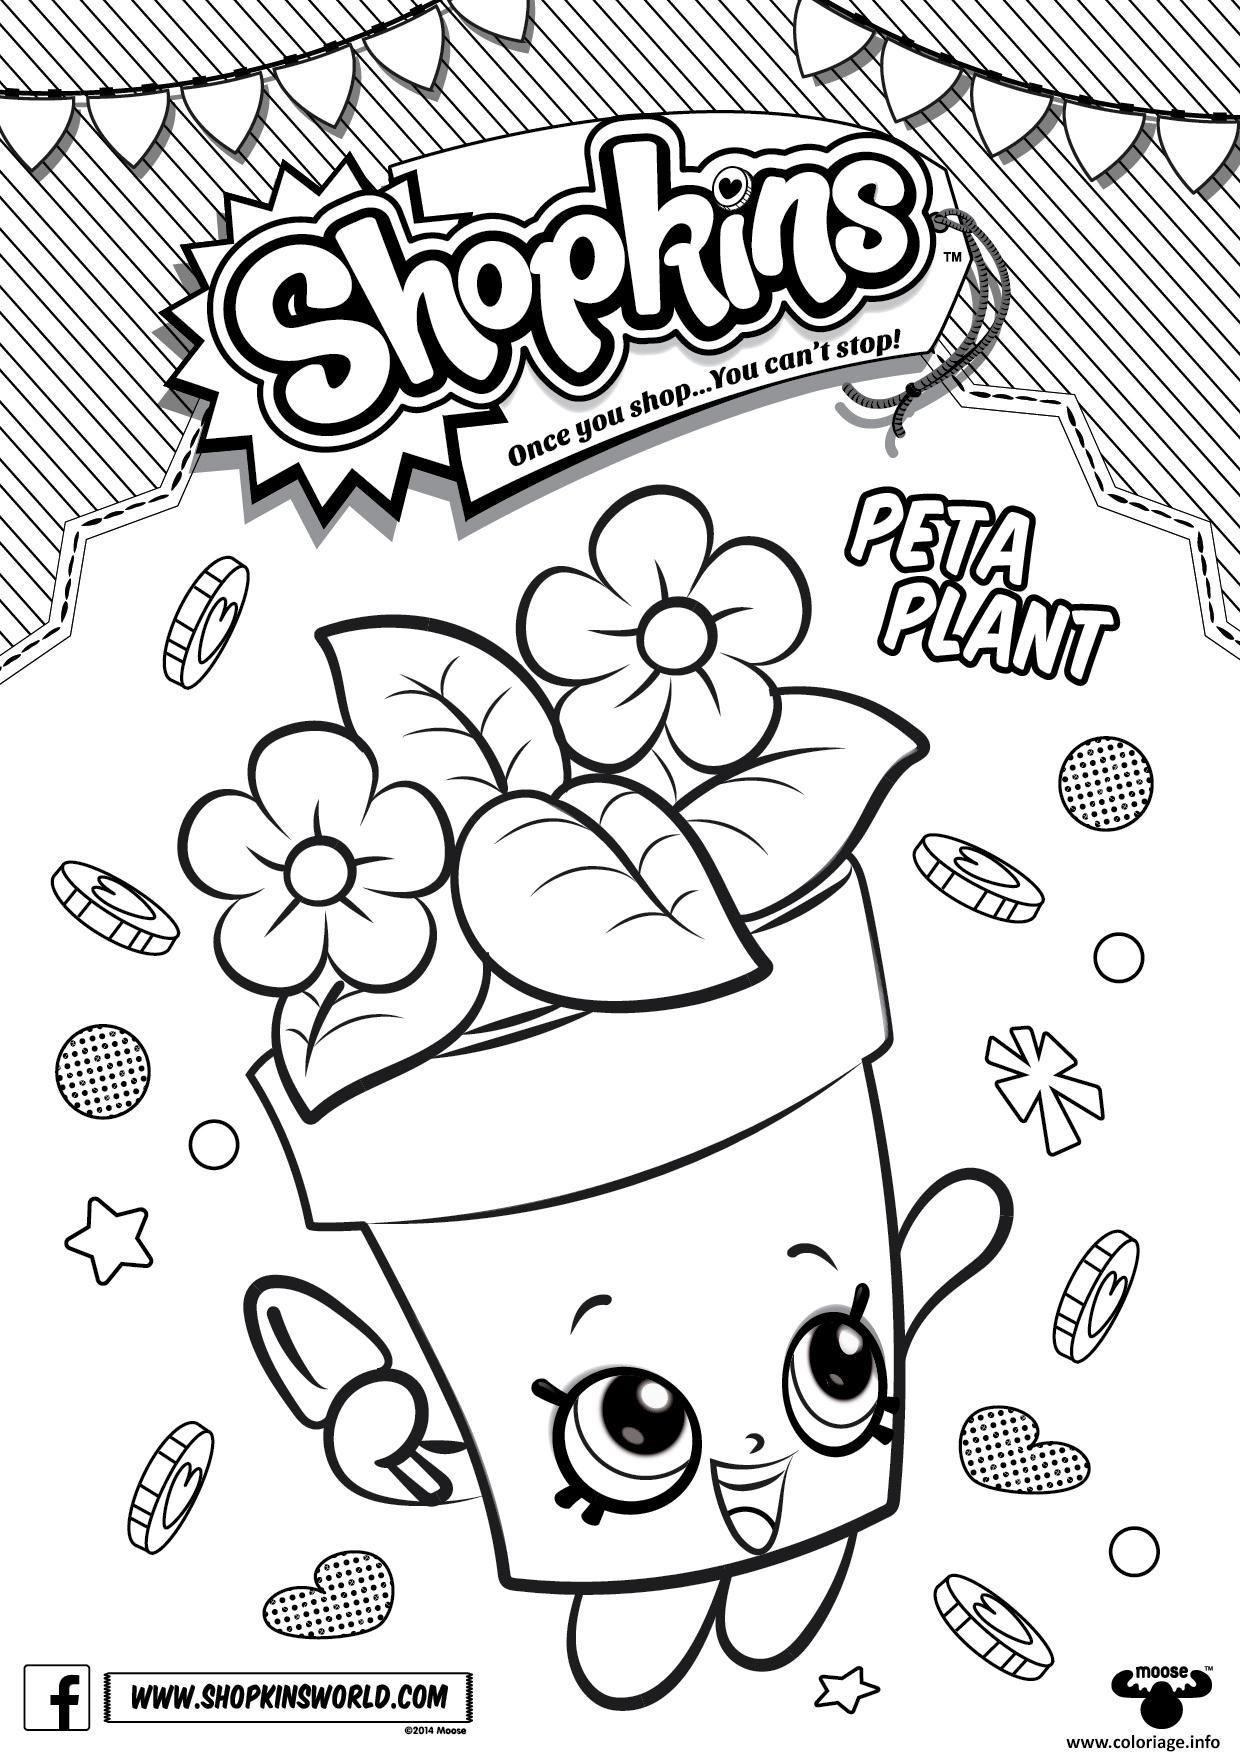 Idee 12 Dessin A Imprimer Shopkins In 2020 Shopkins Colouring Pages Shopkin Coloring Pages Shopkins